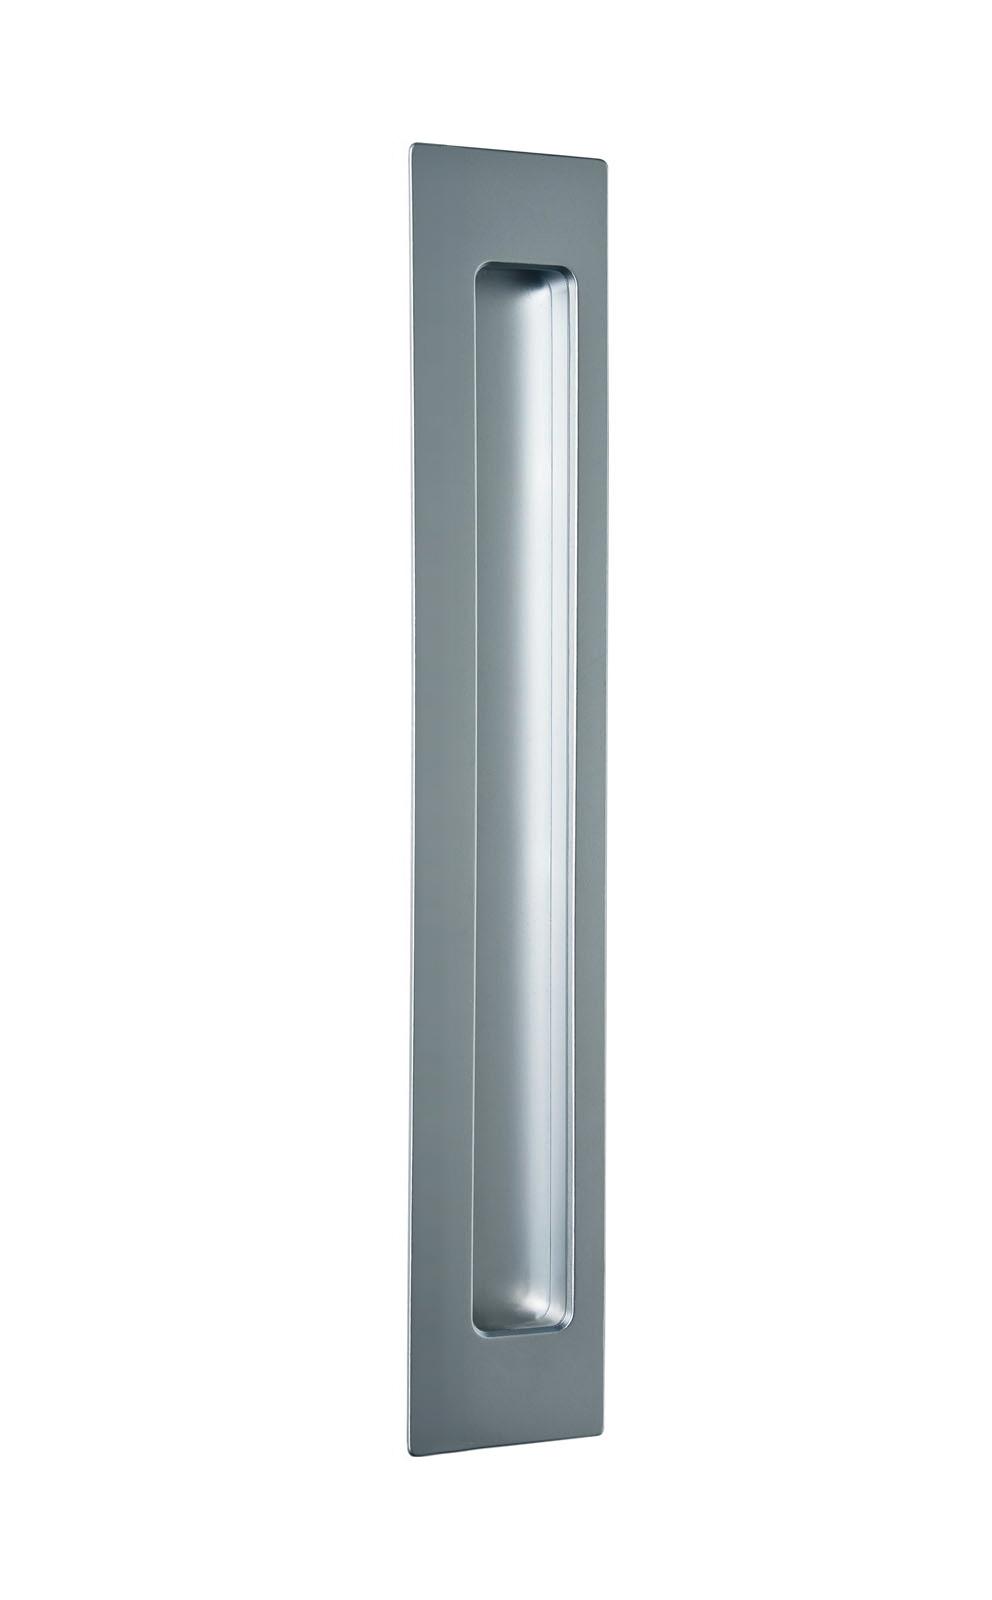 HB 677 : Flush Pull for Folding/Pivot Doors